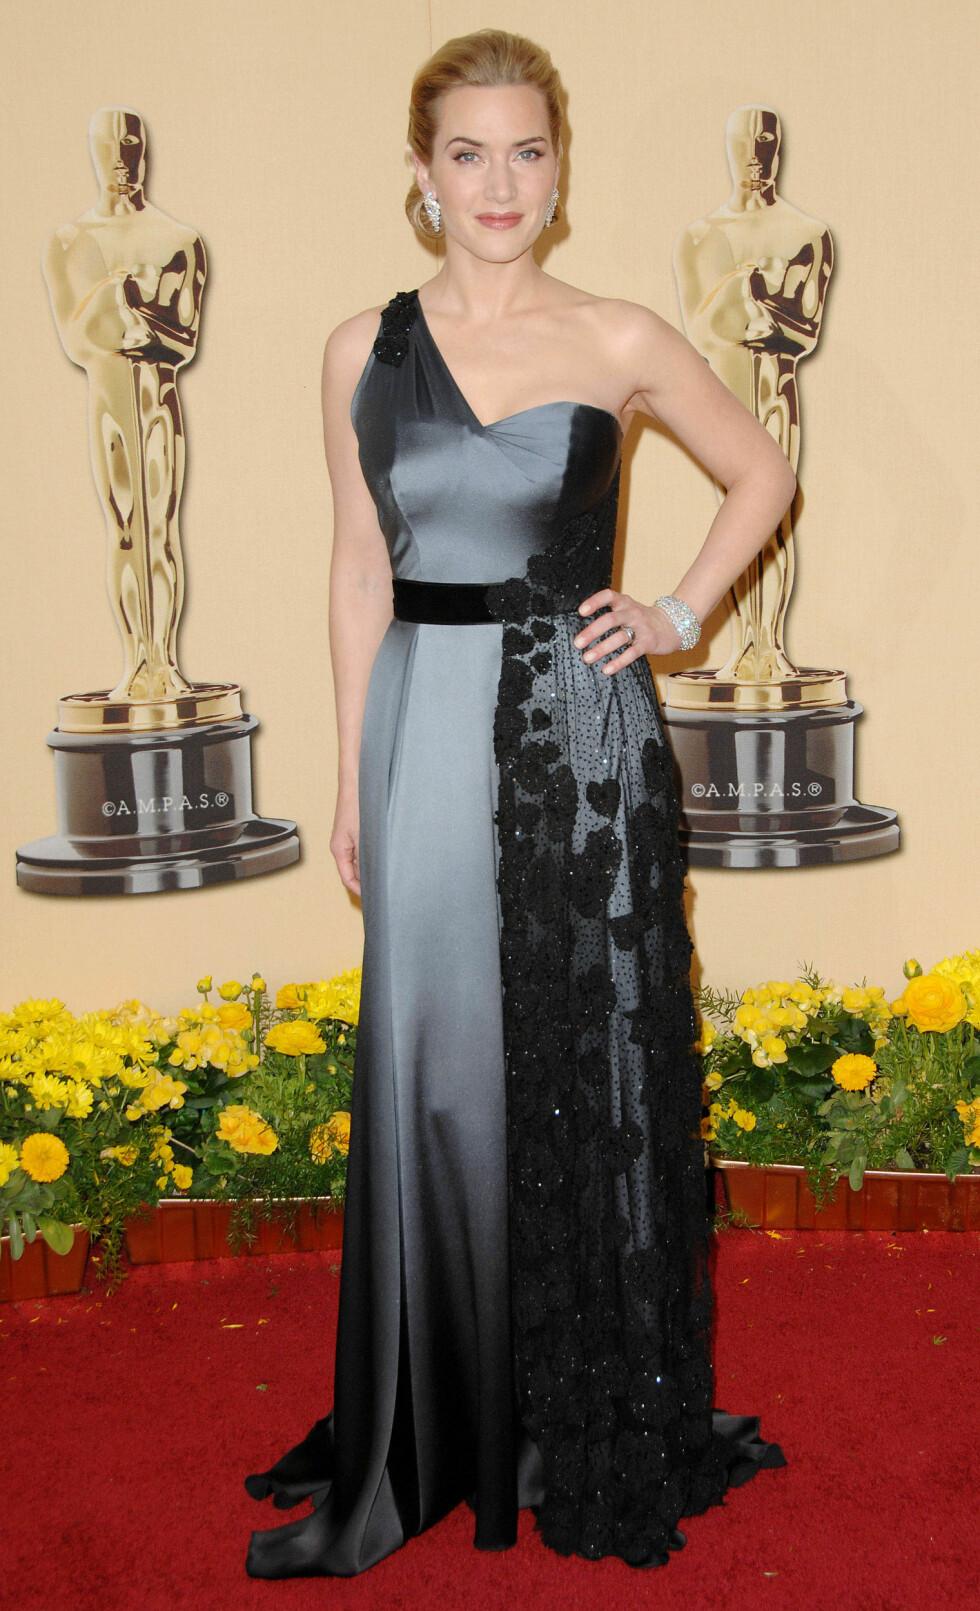 PERFEKT OSCARVINNERKJOLE: Ja, Kate Winslet kunne ikke ha hatt på seg en finere kjole da hun vant statuetten for beste kvinnelige skuespiller for filmen The Reader. Foto: REX/All Over Press